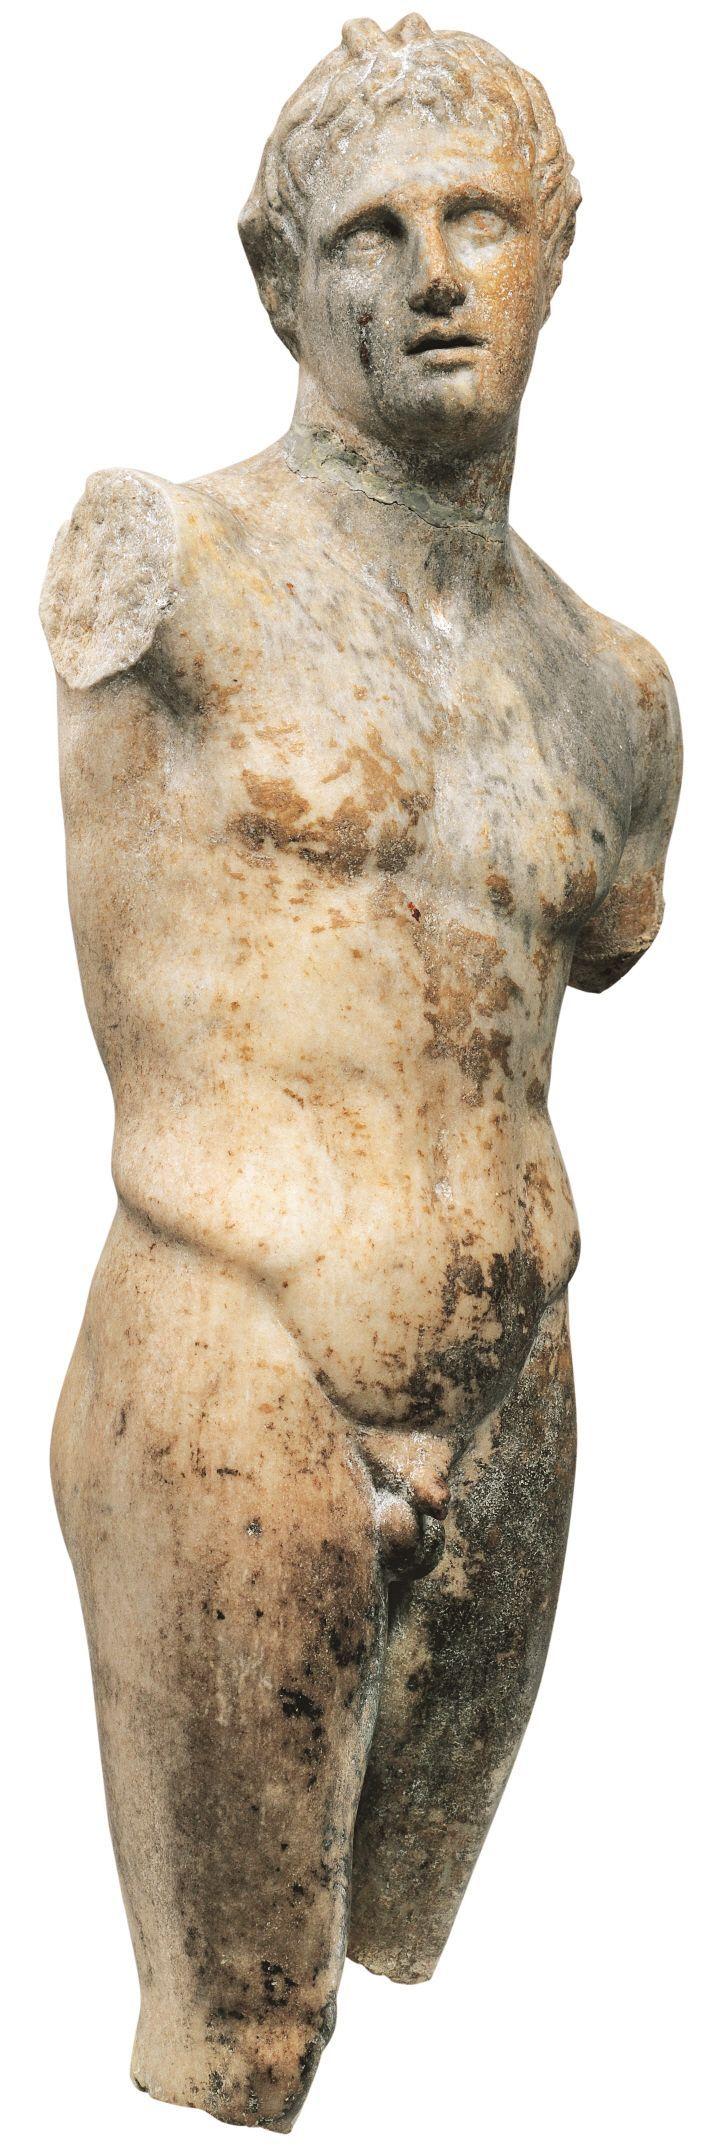 알렉산드로스-판 조각상, 초기 헬레니즘 시대, 대리석, 펠라 고고학박물관 [사진=그리스 보물전 사무국 제공]